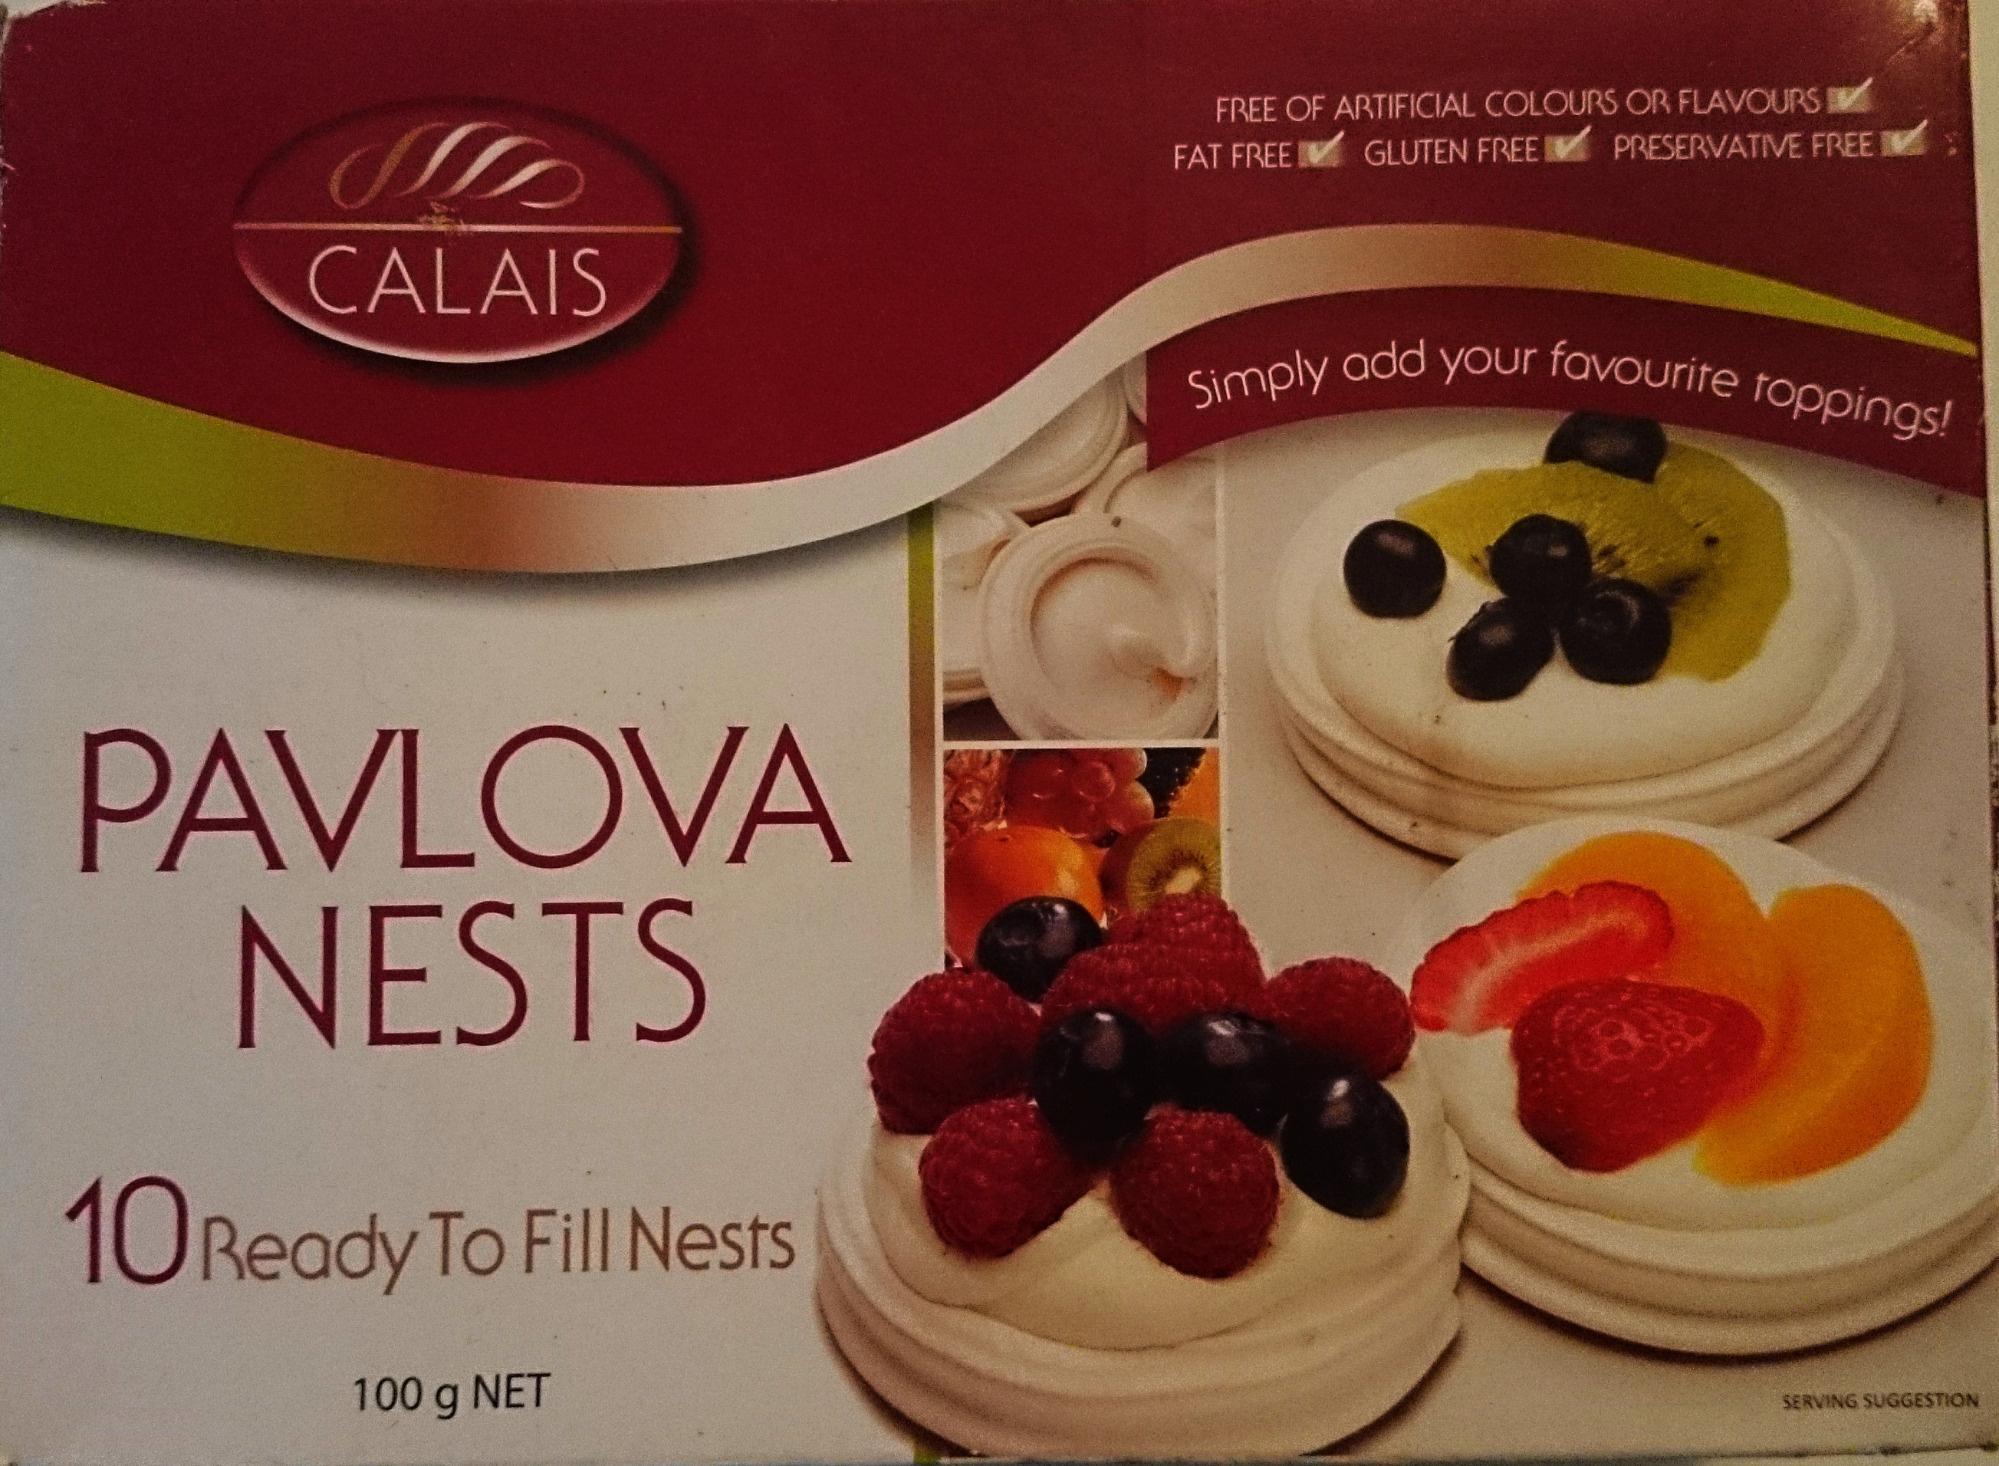 Calais Pavlova Nests - Product - en